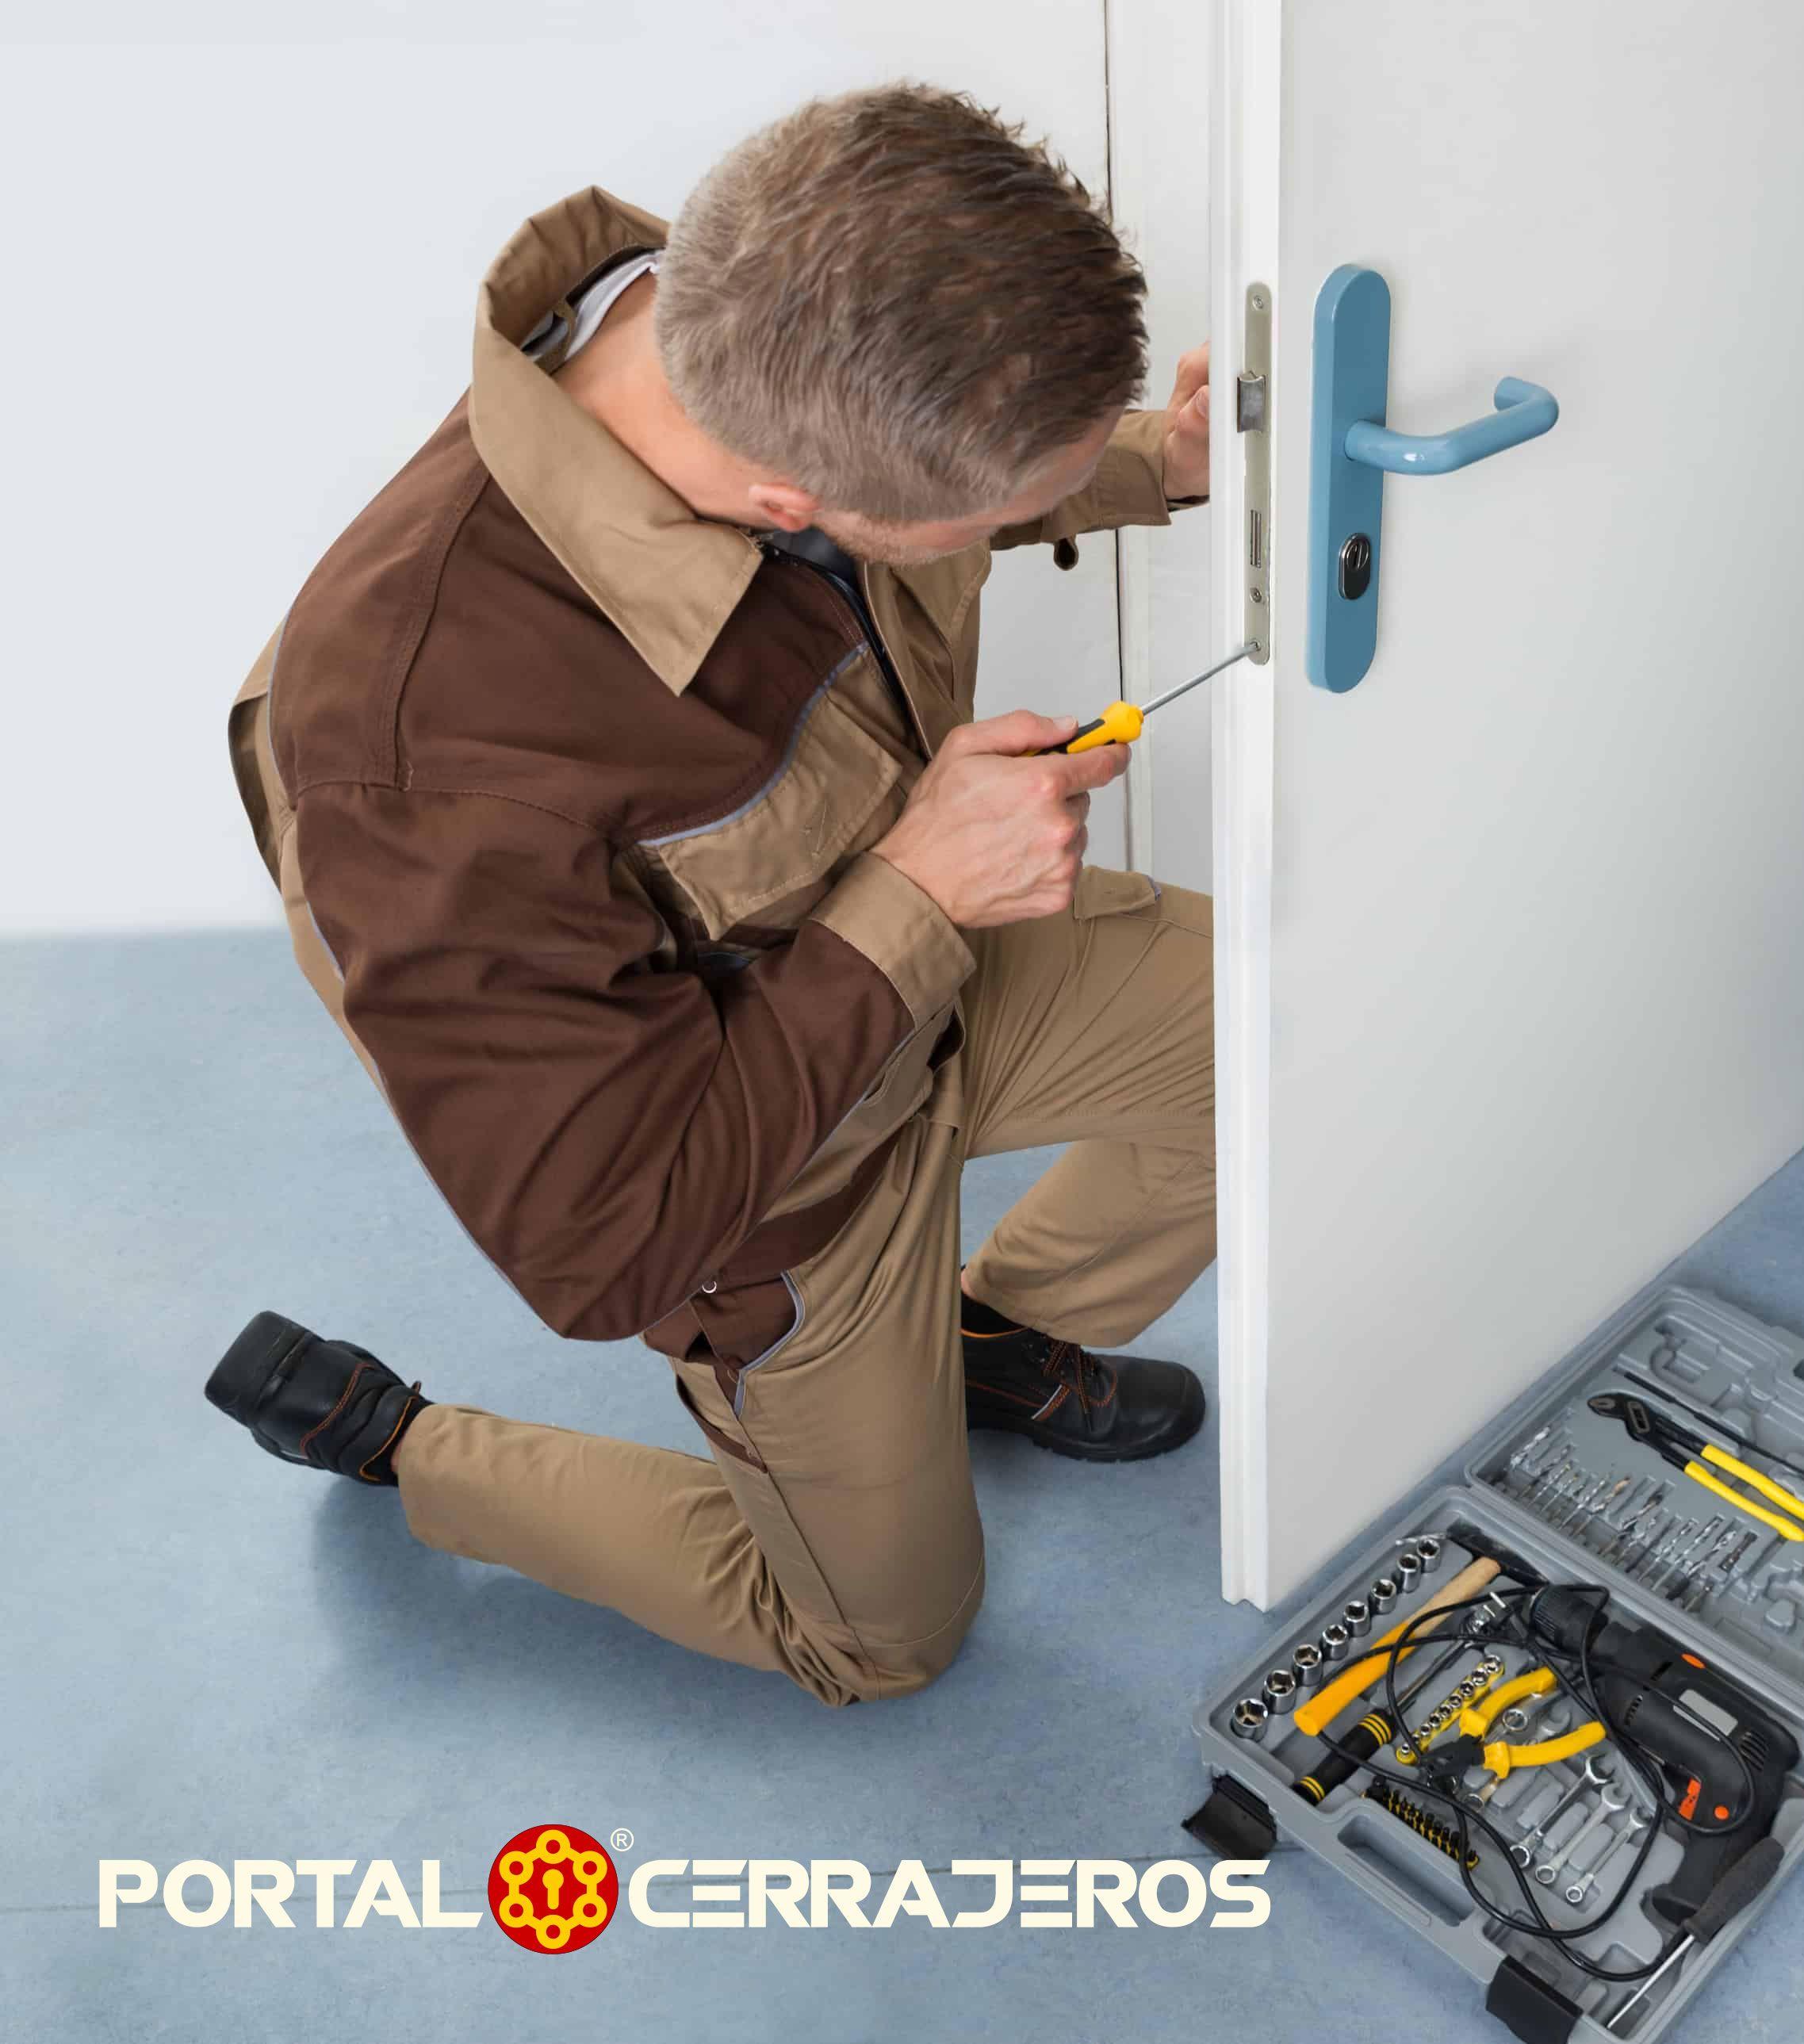 10 consejos para elegir el cerrajero adecuado por Portal Cerrajeros